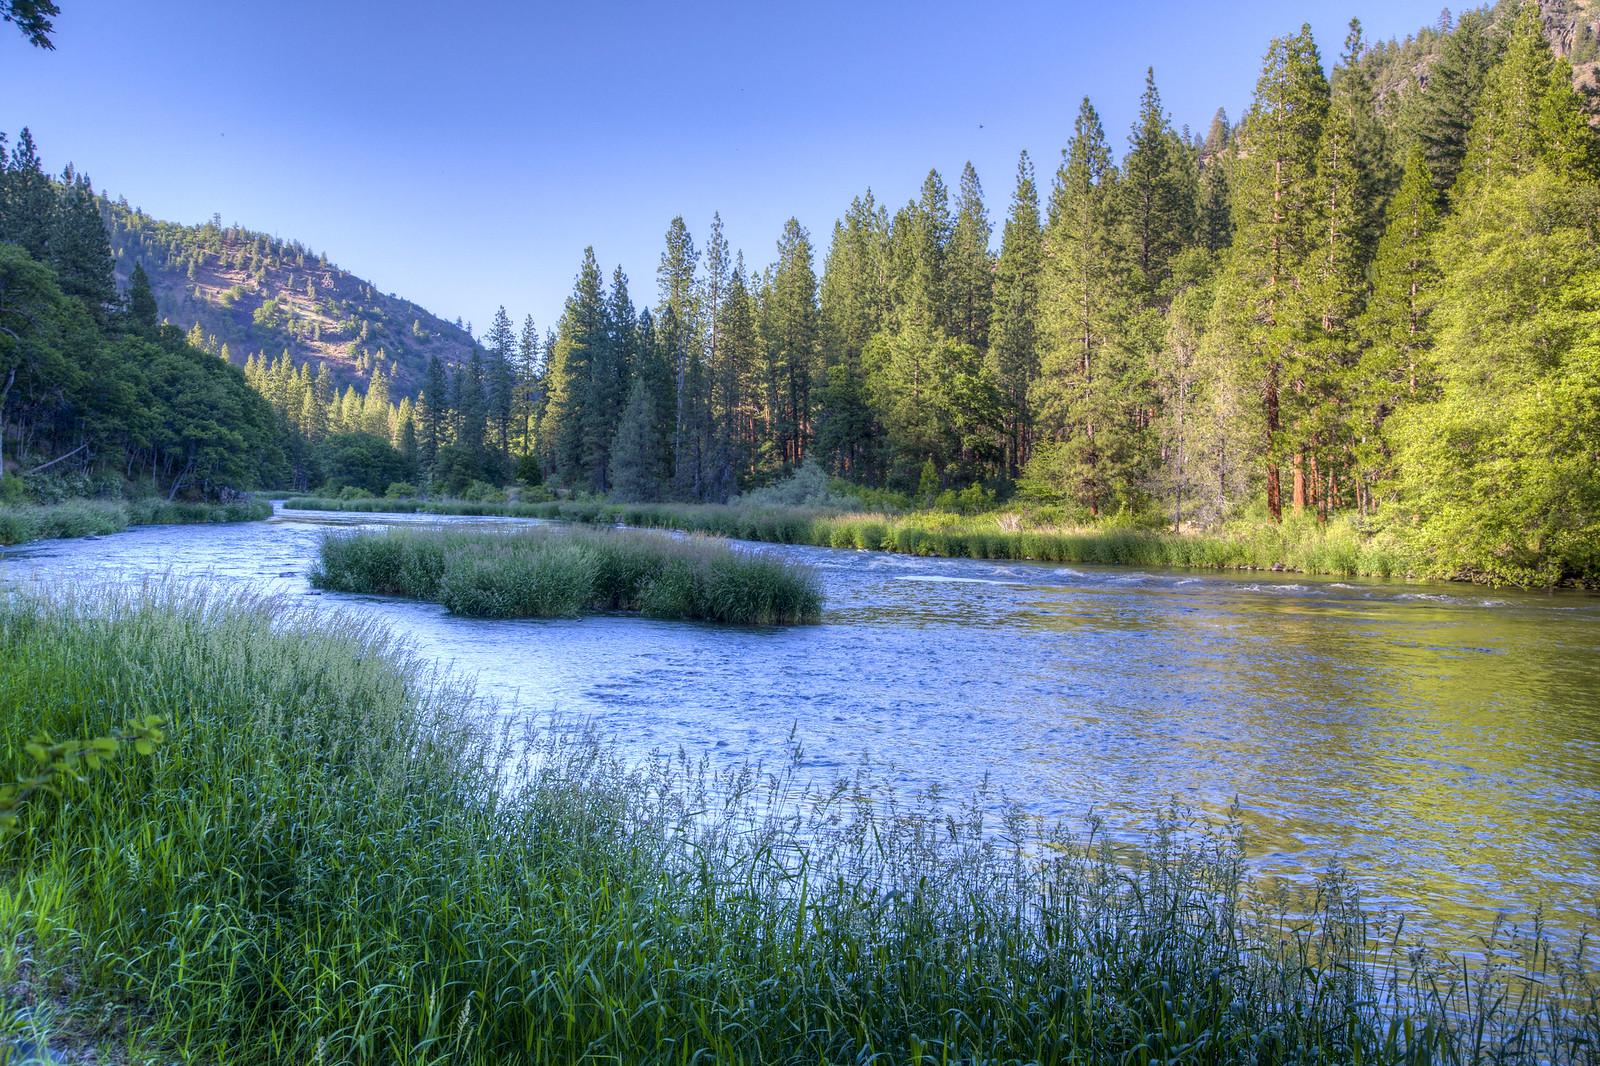 Klamath Wild and Scenic River, Oregon